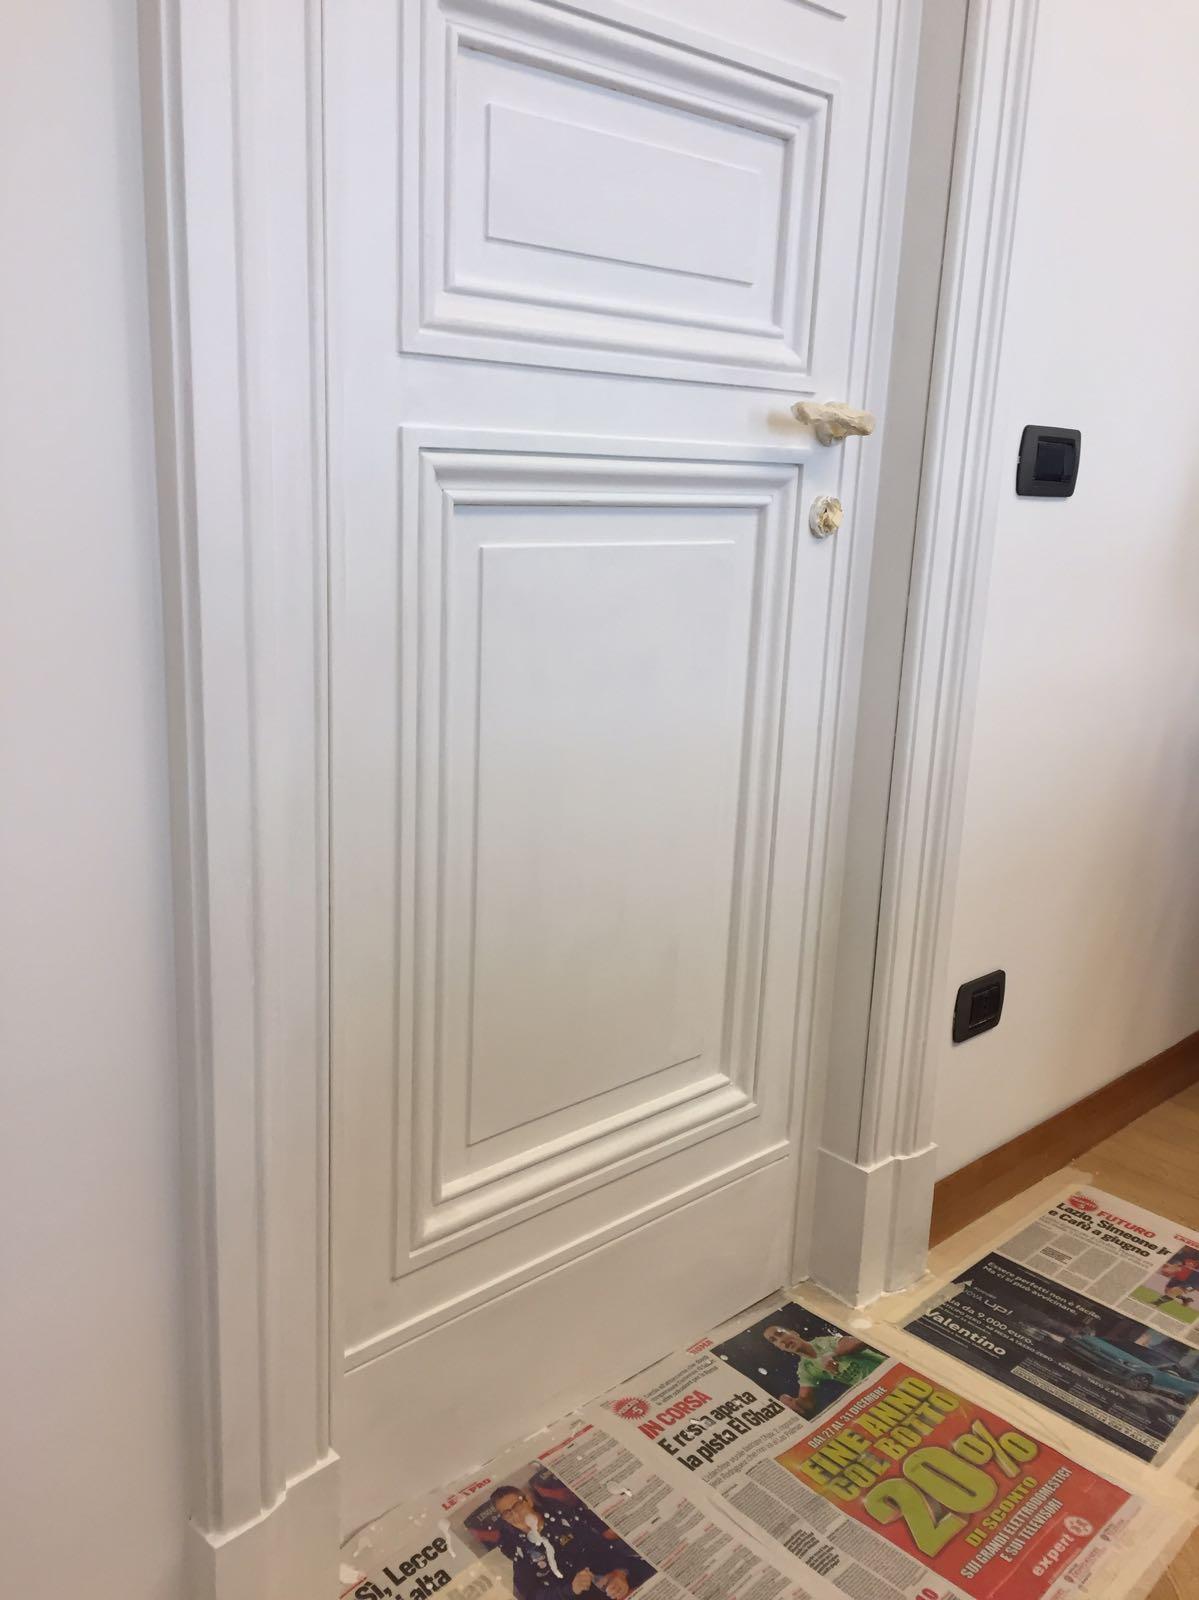 Verniciare Porte Interne Bianche arredamenti su misura puglia: 2019